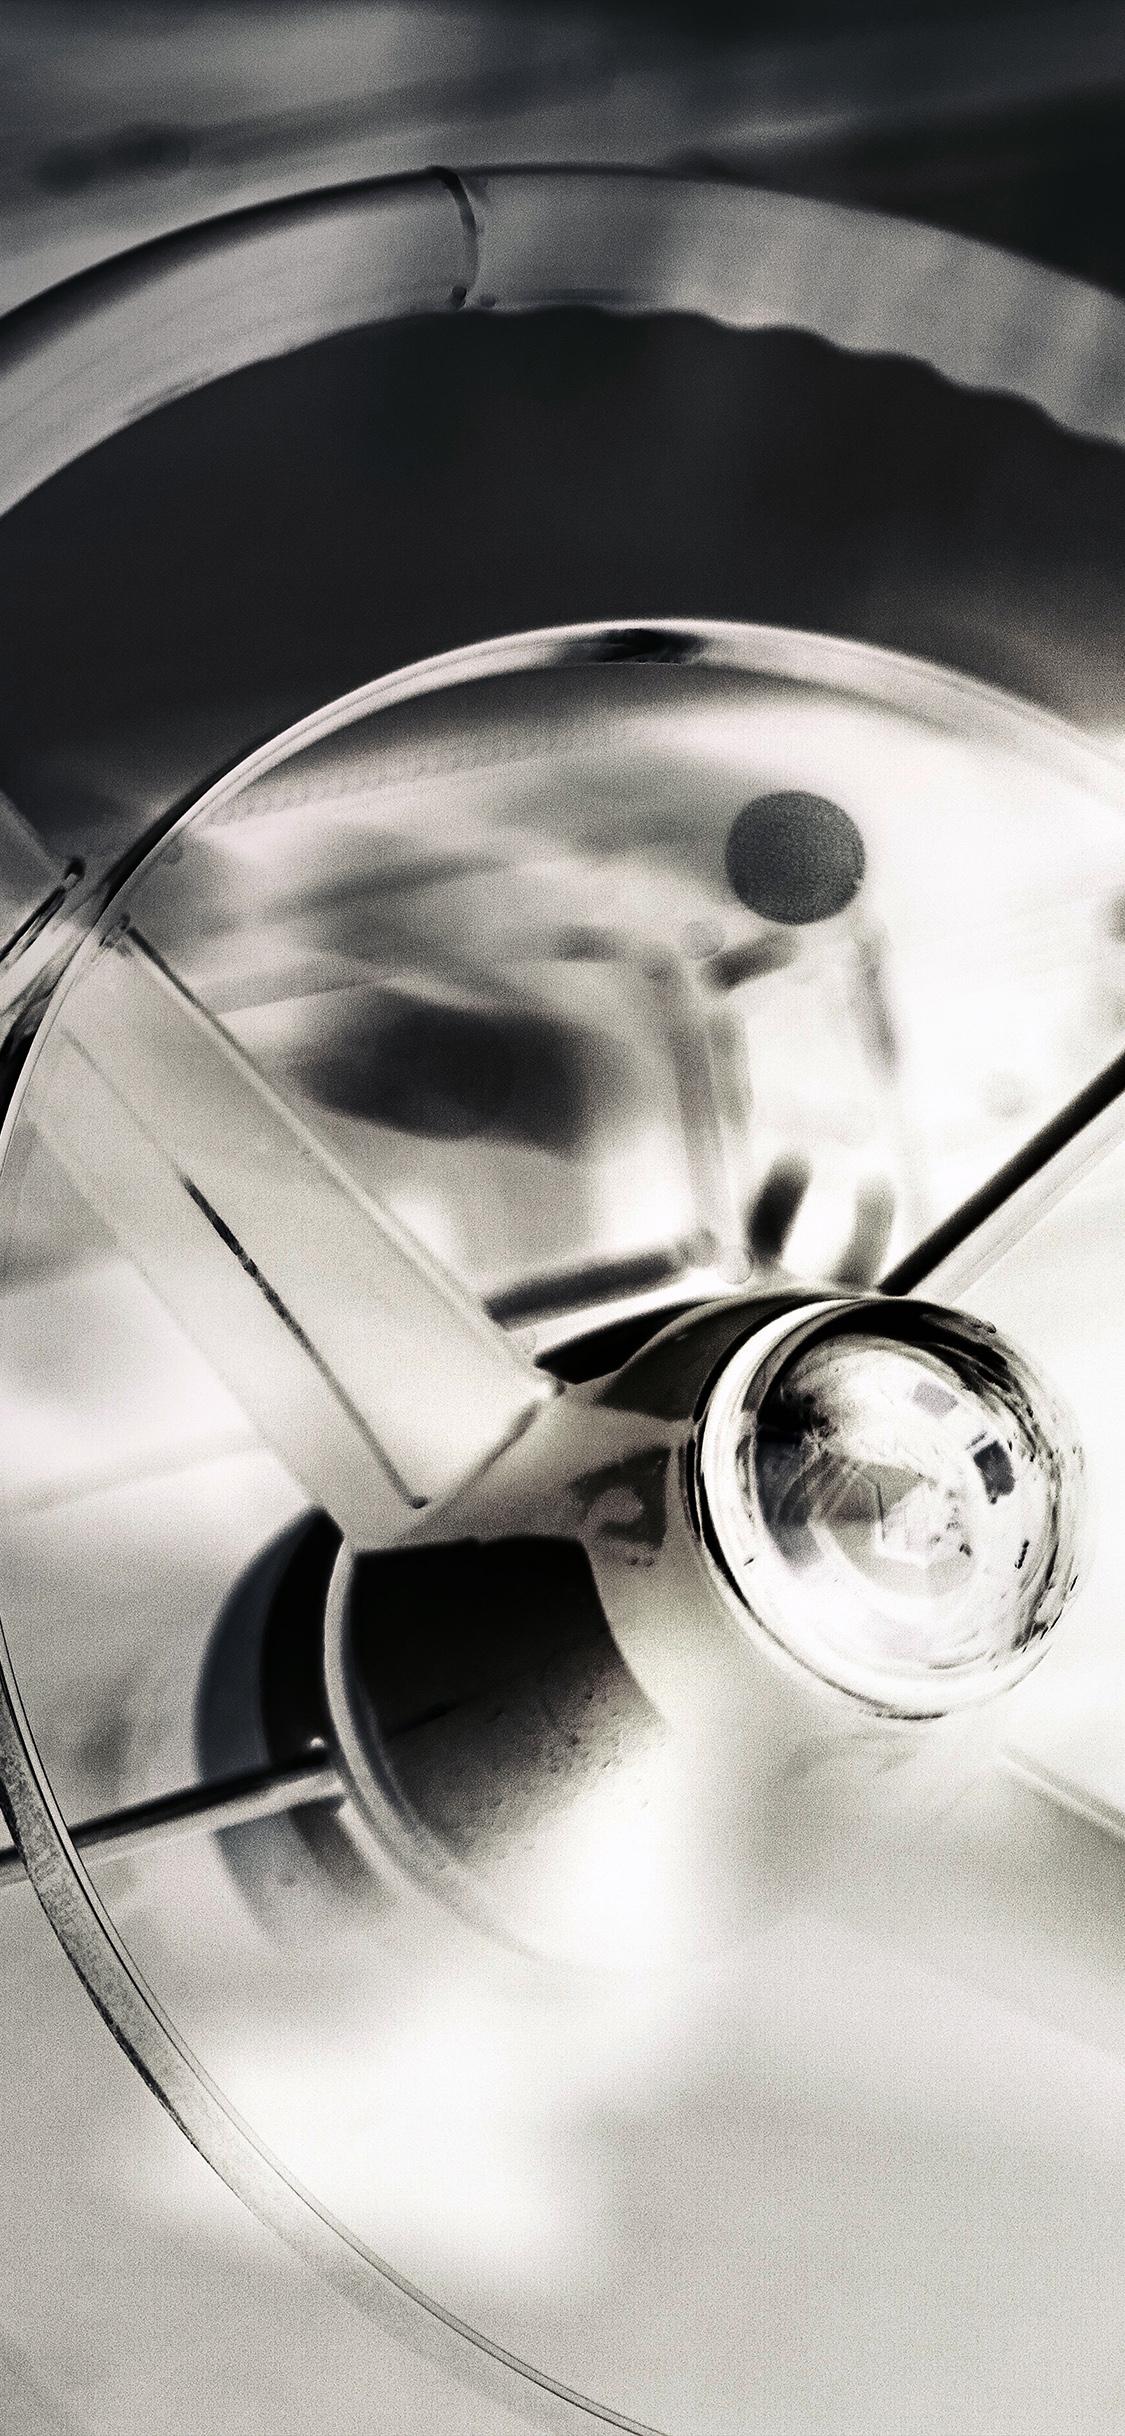 iPhonexpapers.com-Apple-iPhone-wallpaper-nh88-car-drive-handle-bokeh-art-white-dark